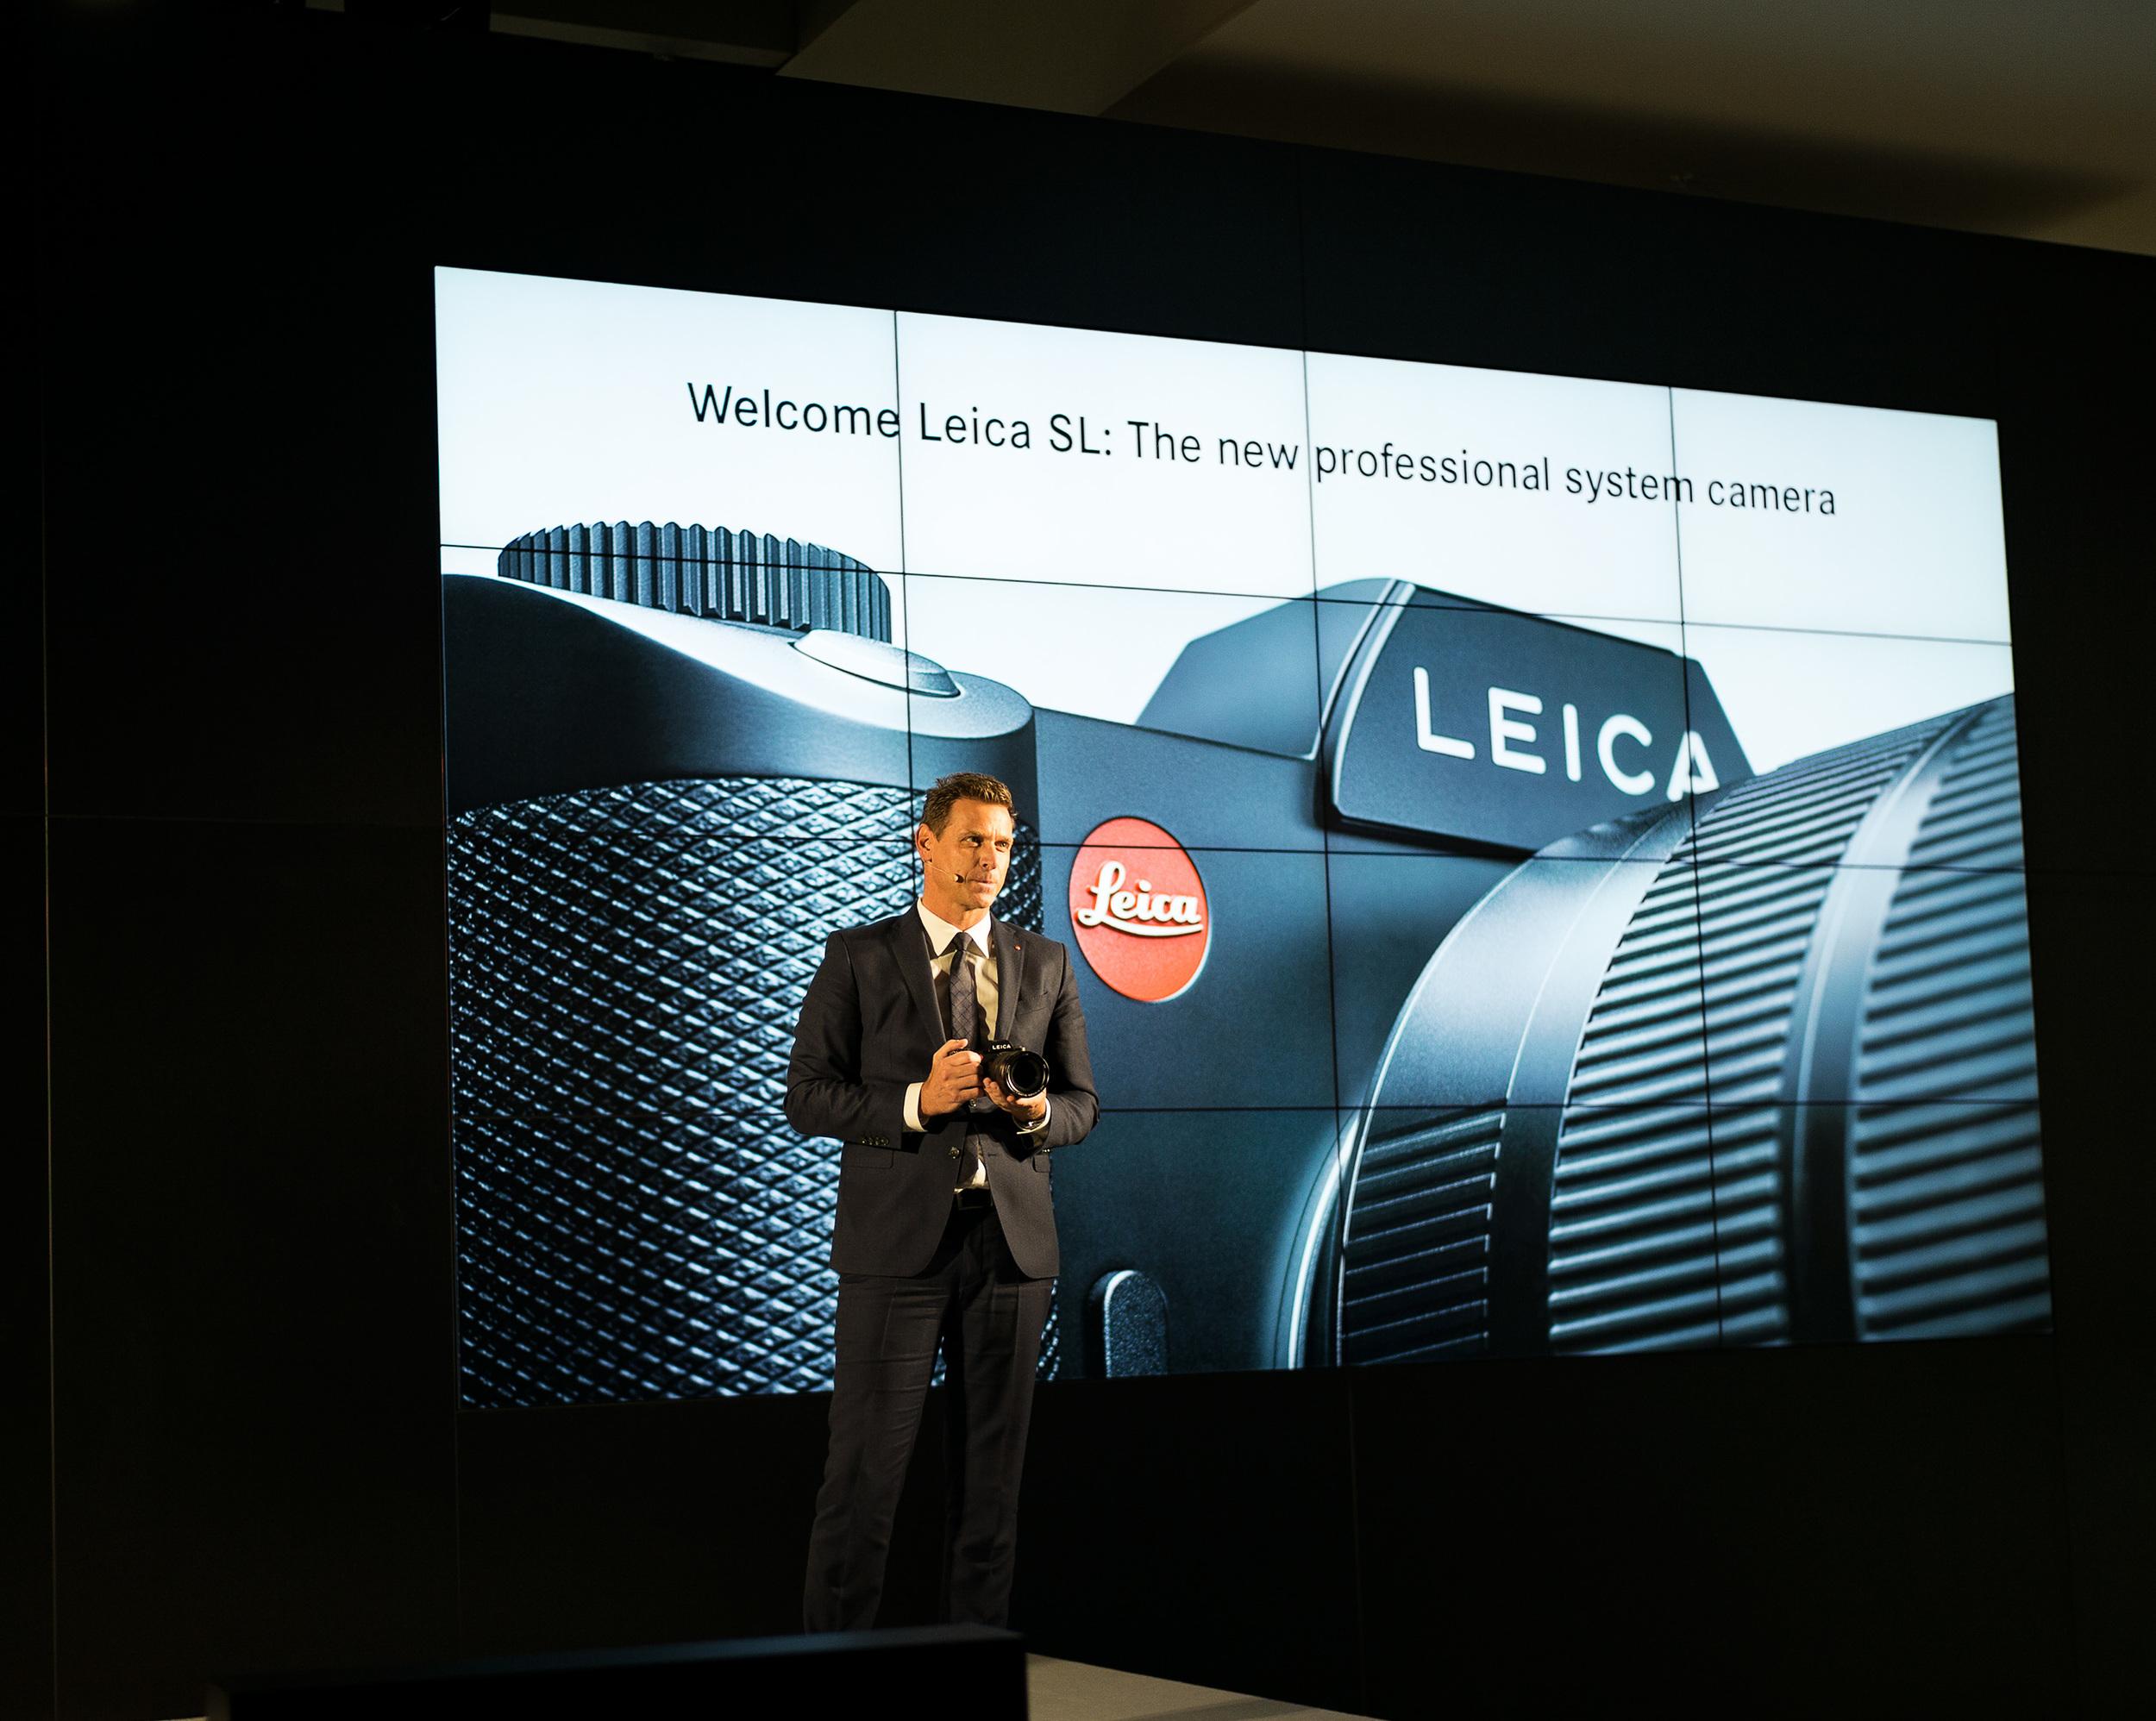 Leica CEO Oliver Kaltner